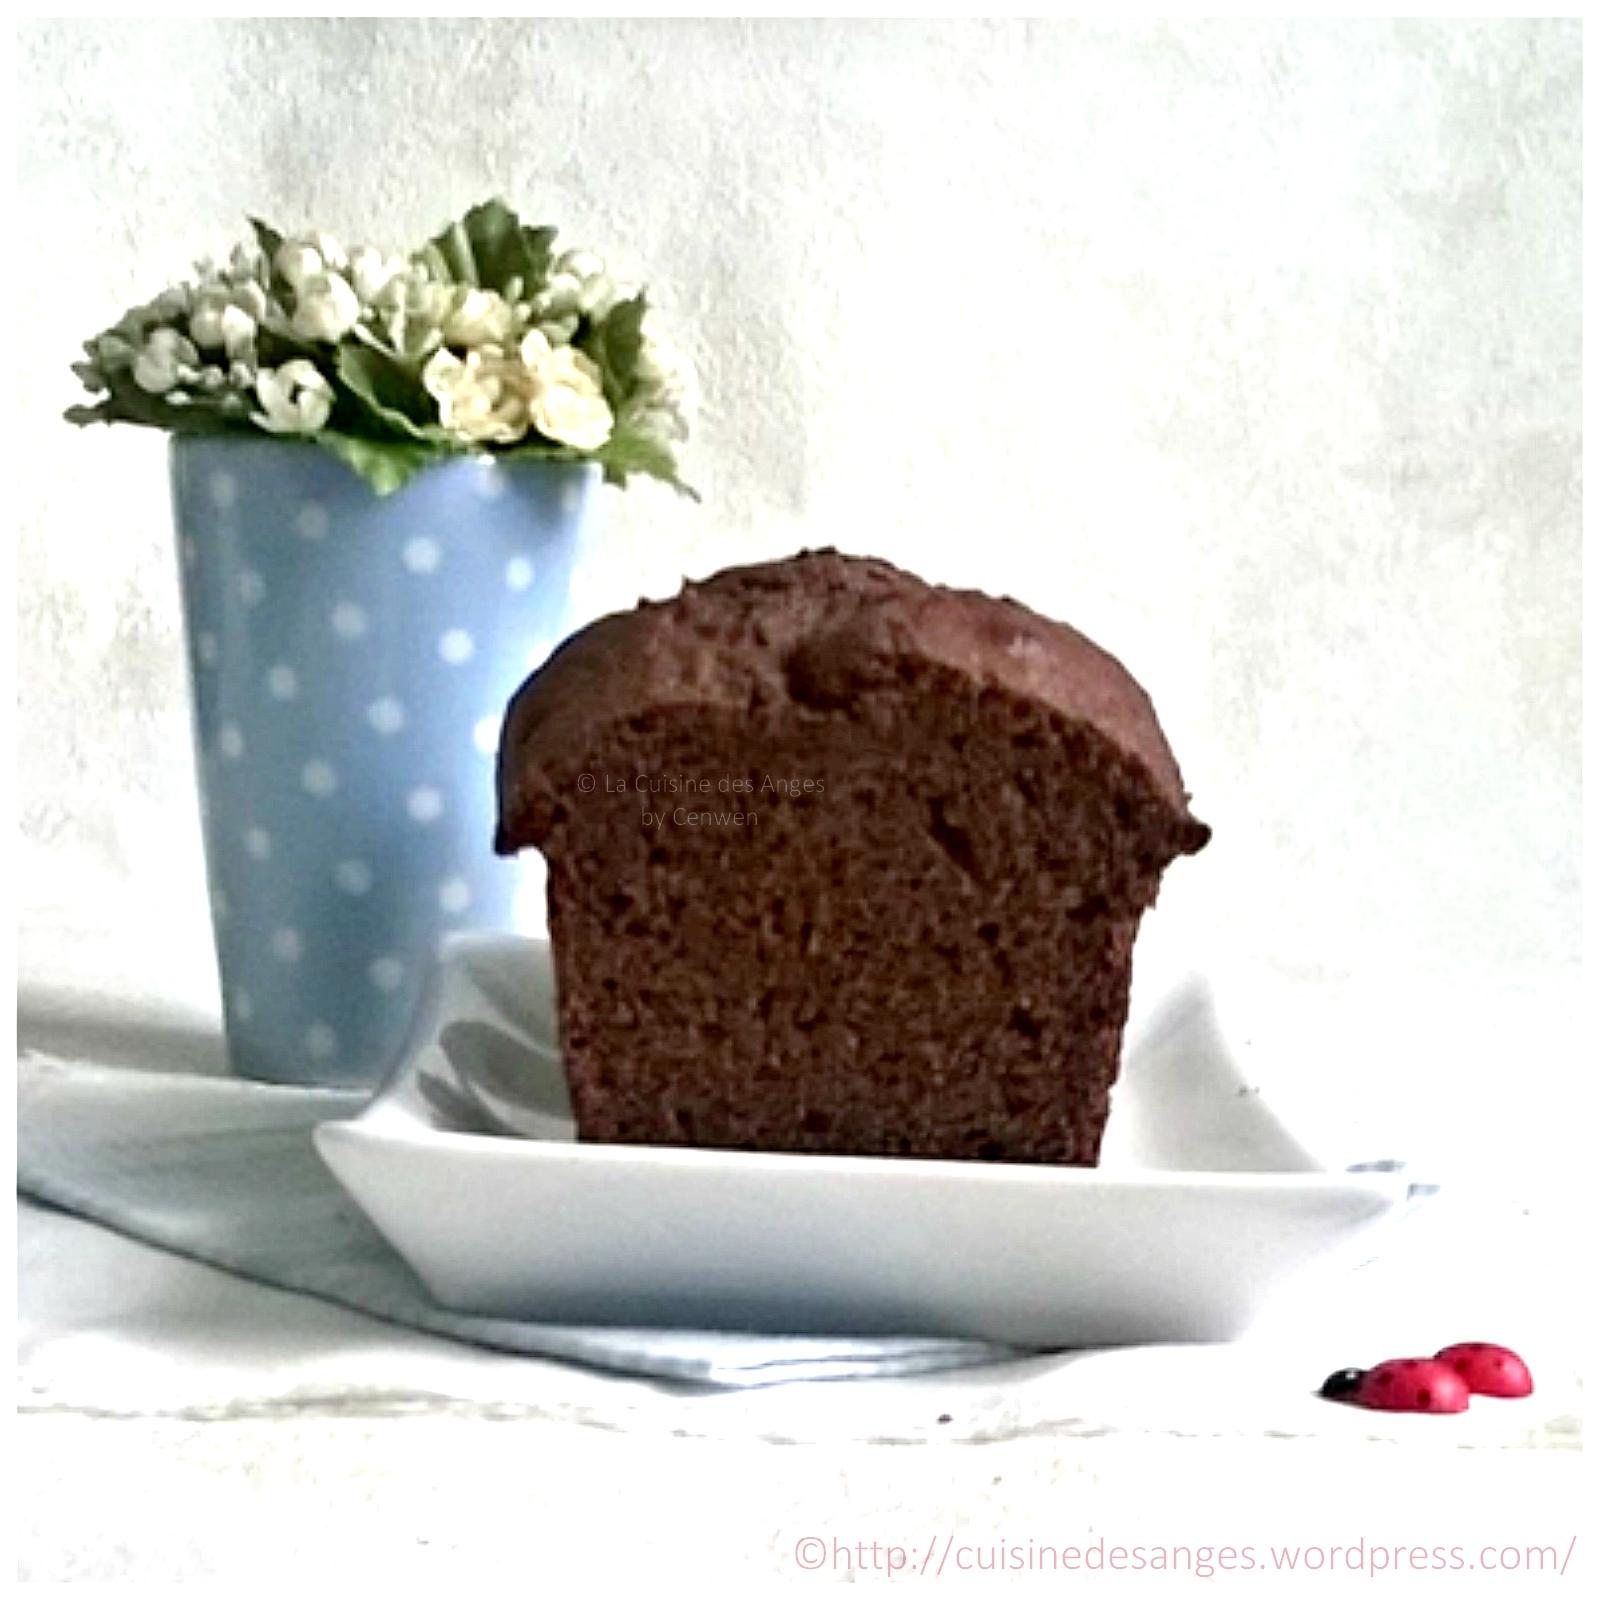 Cake au chocolat recette weight watchers la cuisine des anges - Herve cuisine cake chocolat ...